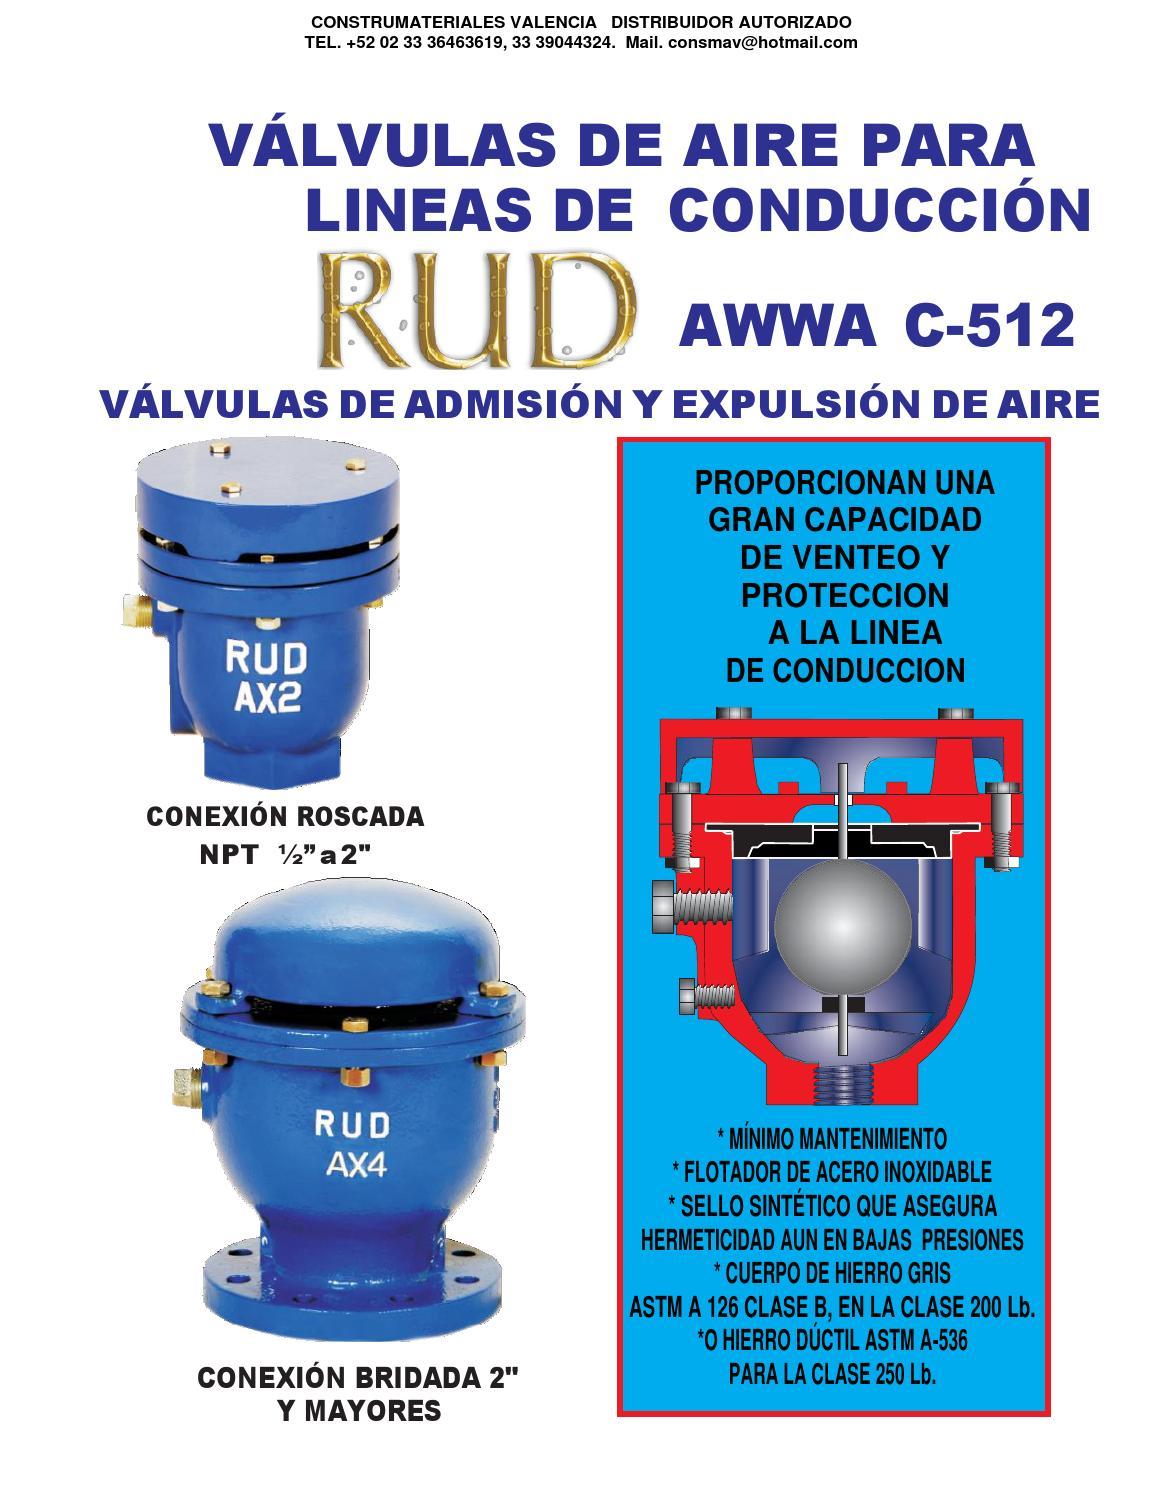 Valvula de admision y expulsion de aire